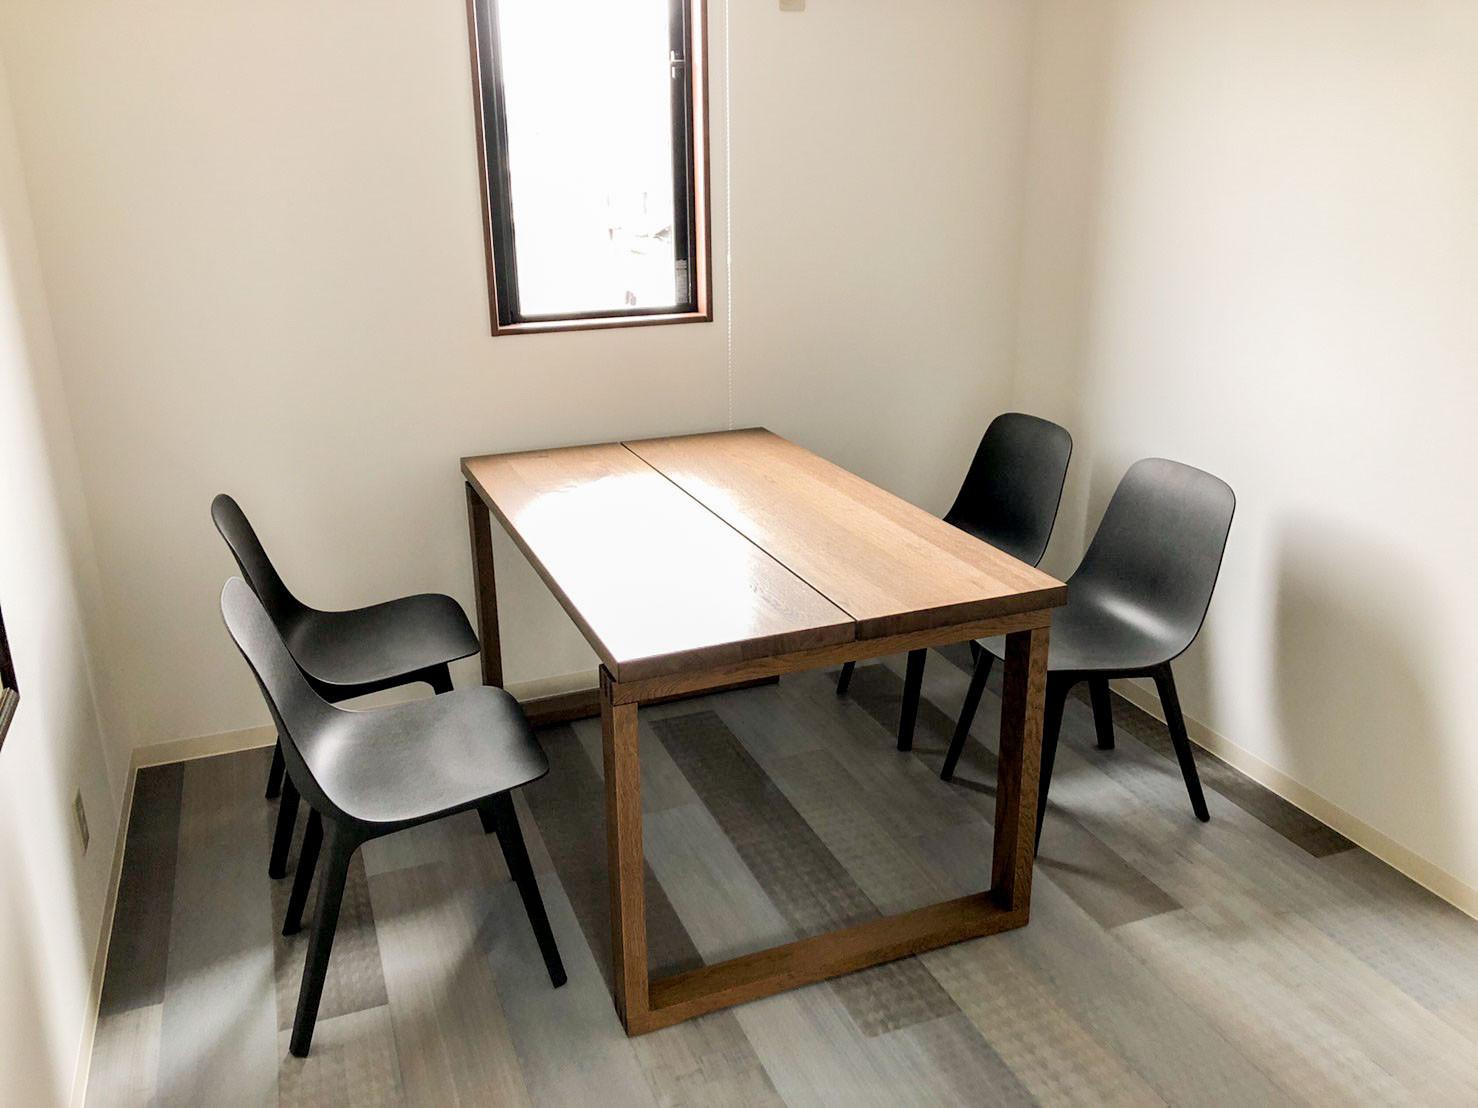 快適な座り心地を実現するイケア製の椅子&天然木のイケア製の机